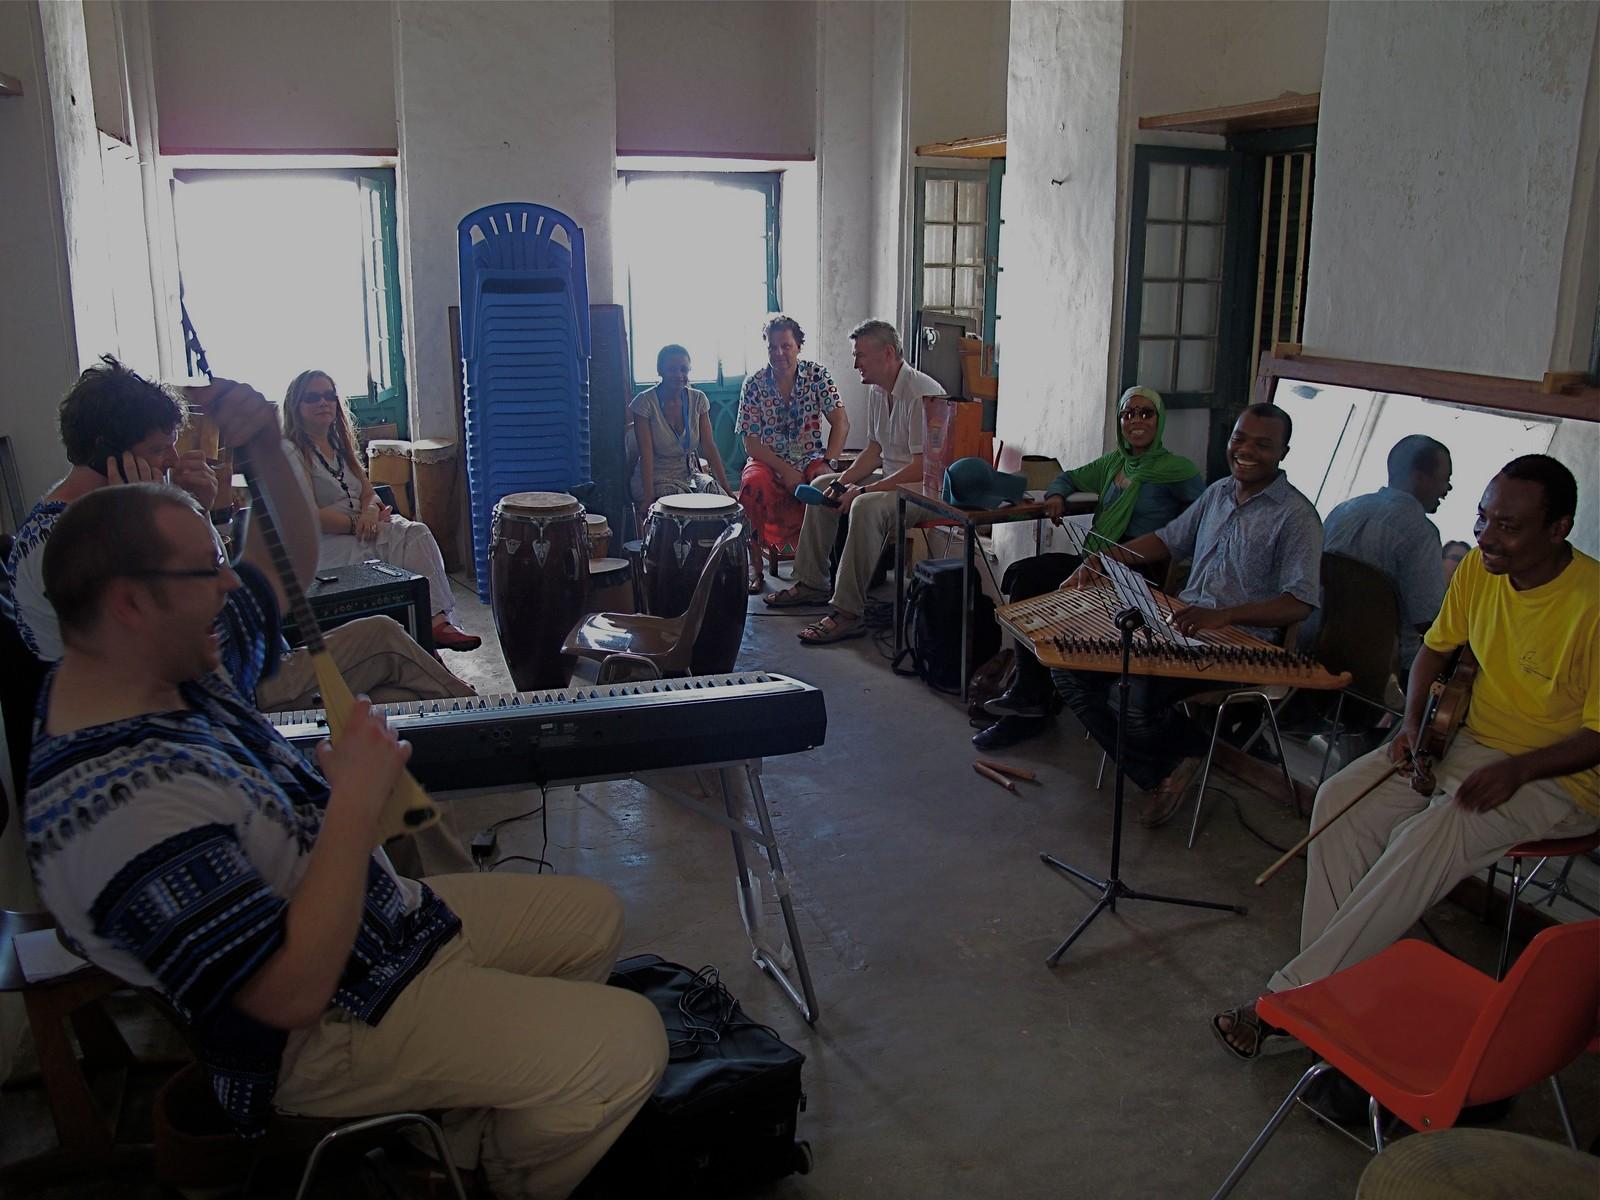 Musikere fra Mari Boine Band med musikere fra Zanzibar før konsert.